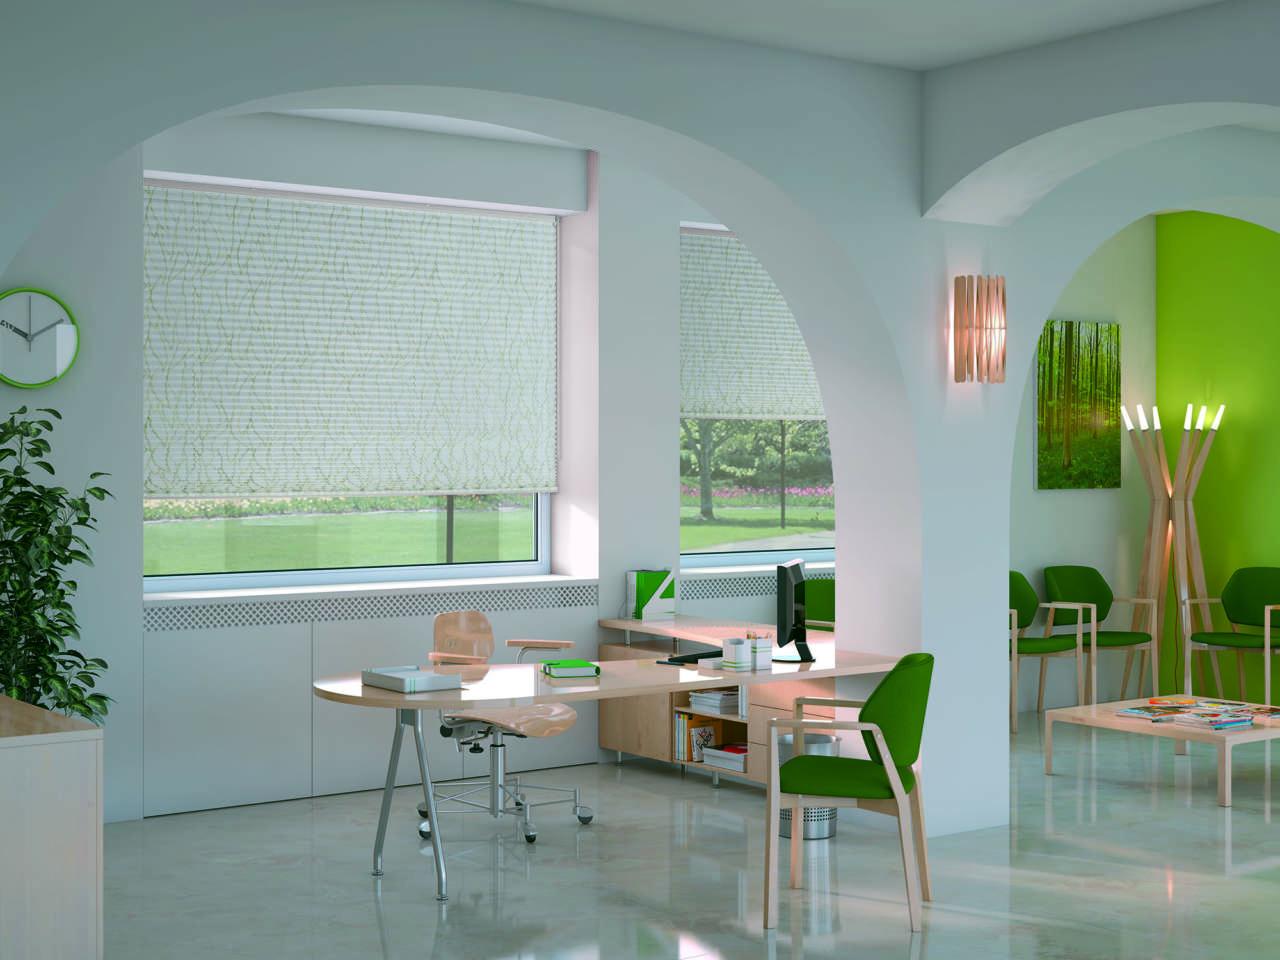 Tende Per Finestra Grande : Tende plissè mottura: versatilità tecnologica per decorare la finestra